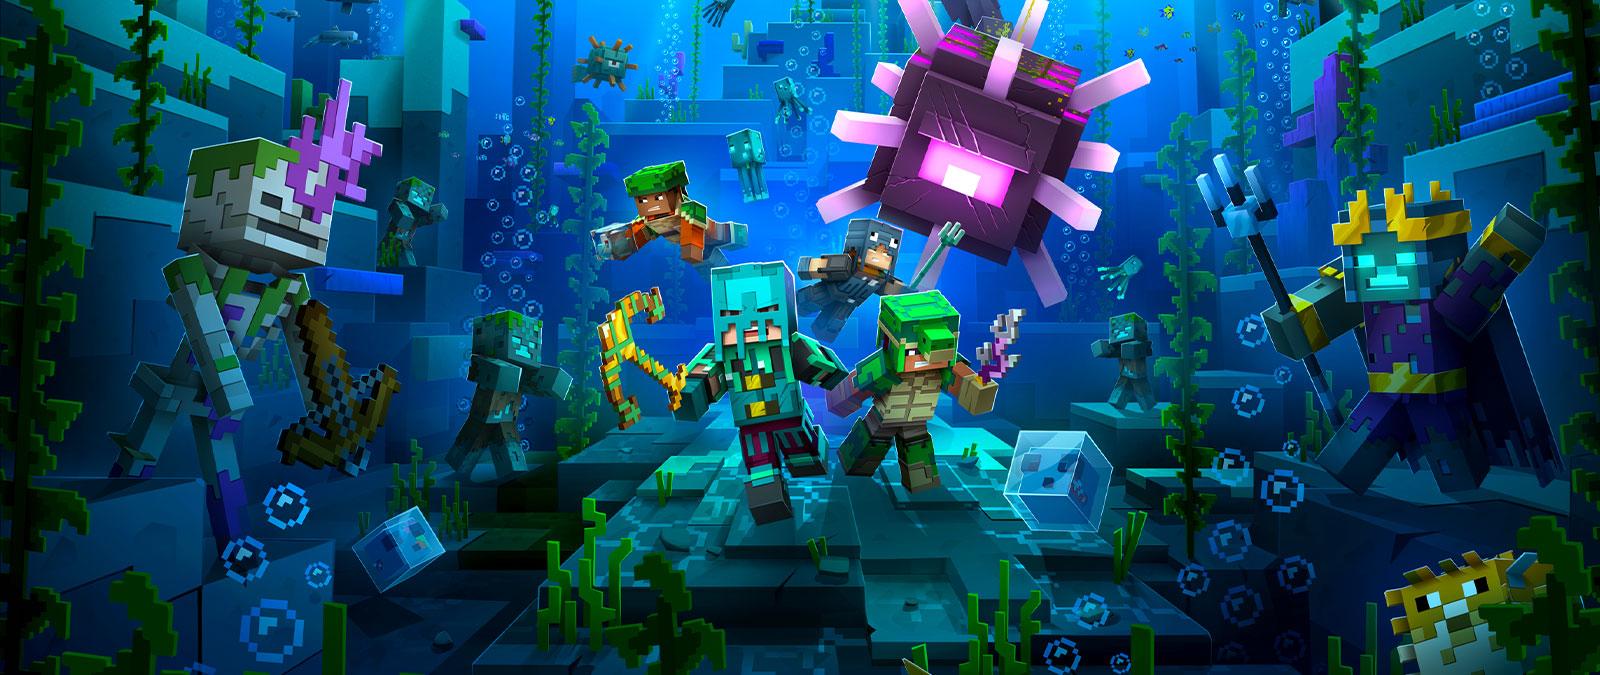 Postacie z gry Minecraft Dungeons w podwodnym lochu z kilkoma wrogami